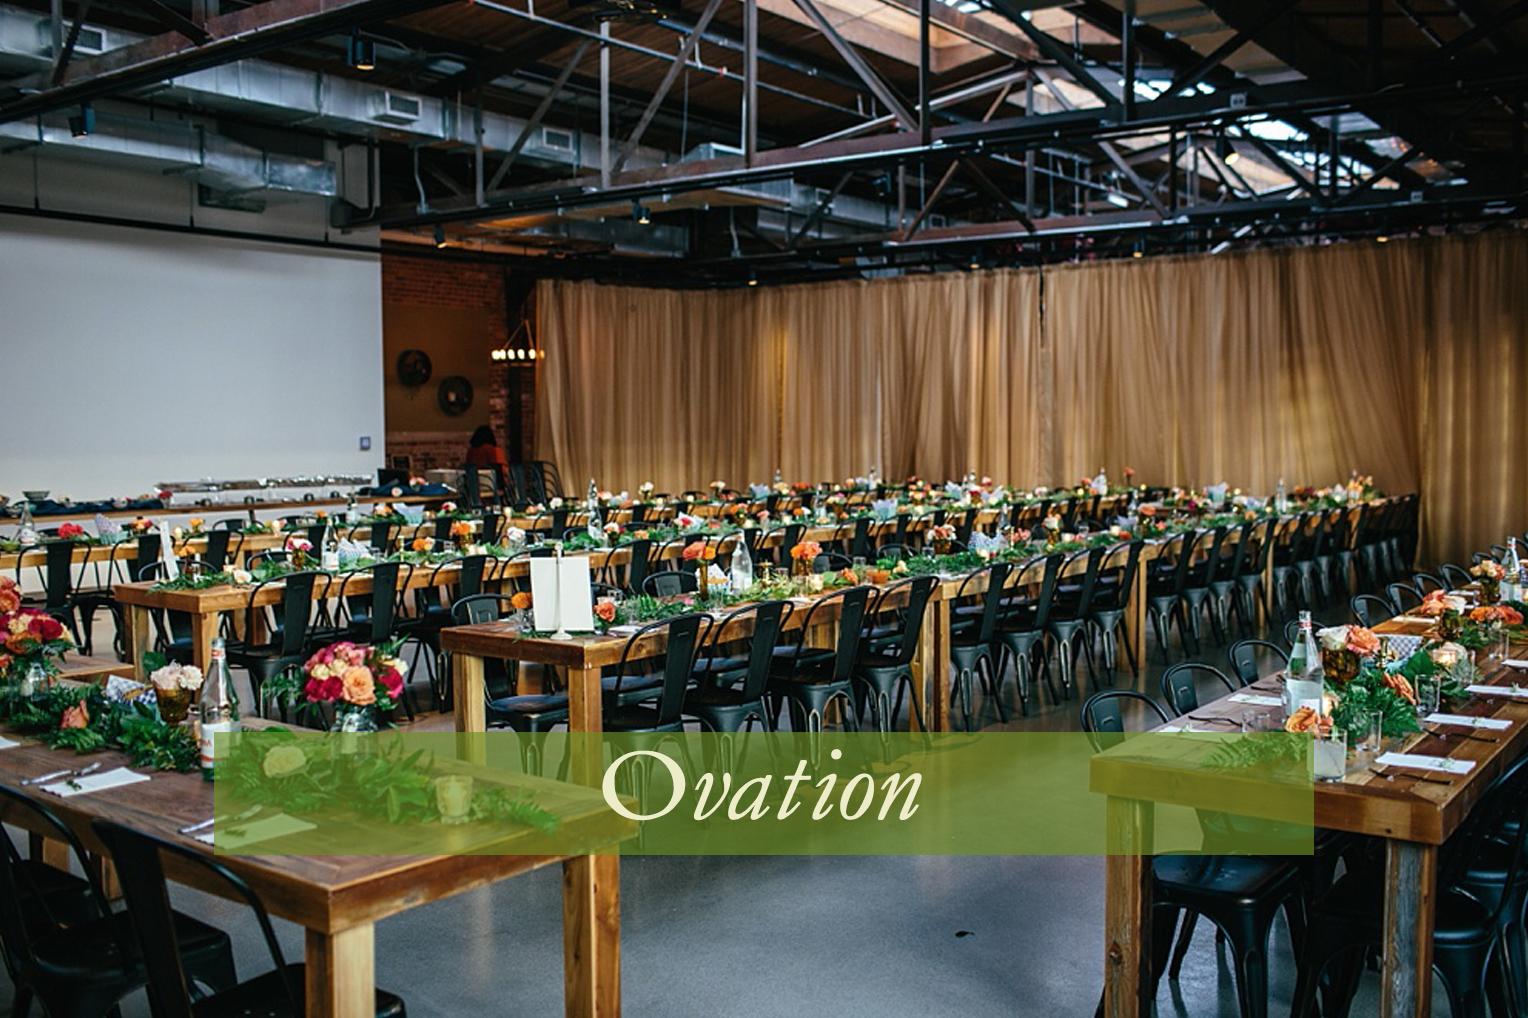 Ovation.jpg